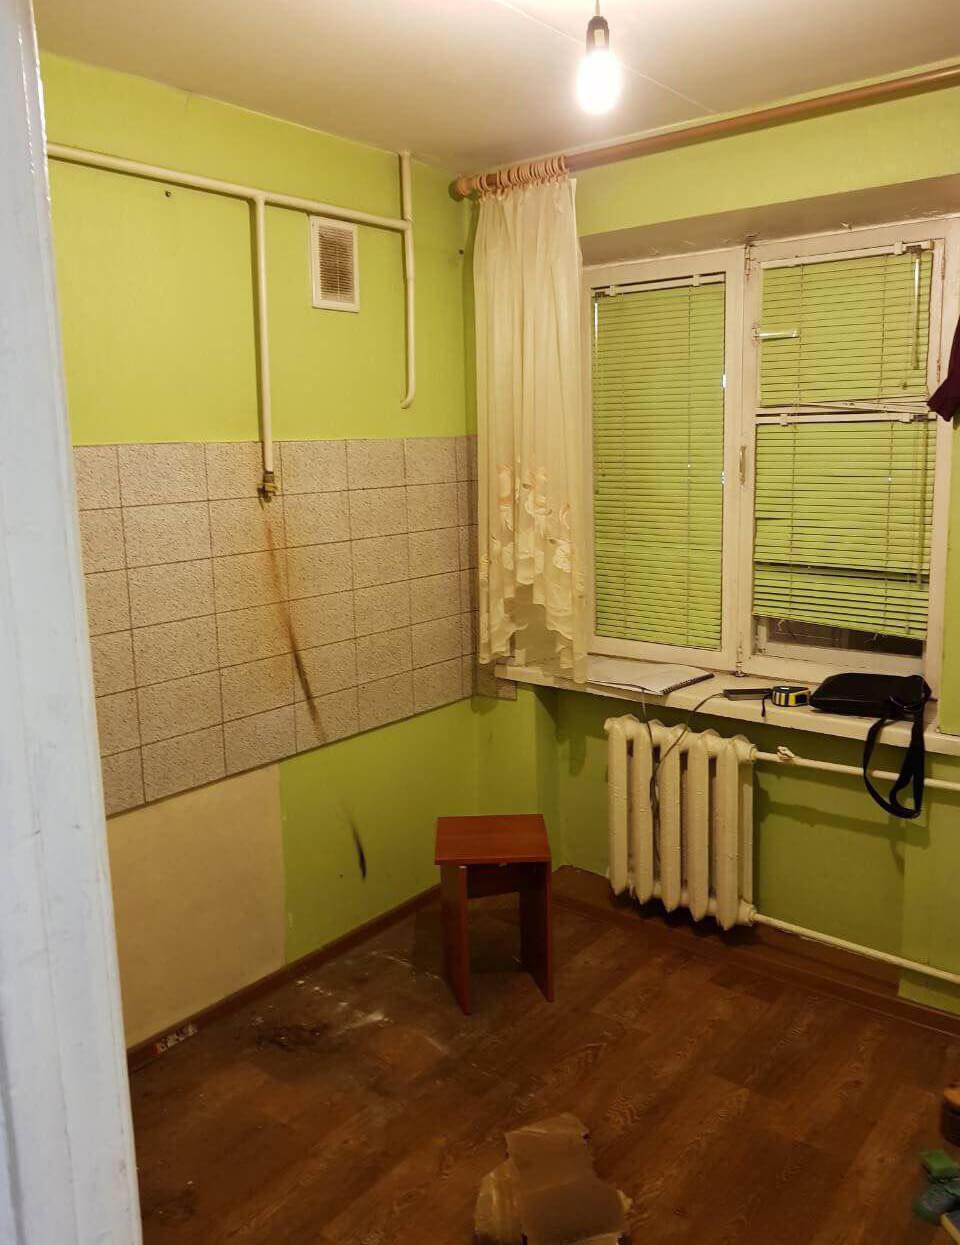 Фото квартиры до реализации дизайн-проекта